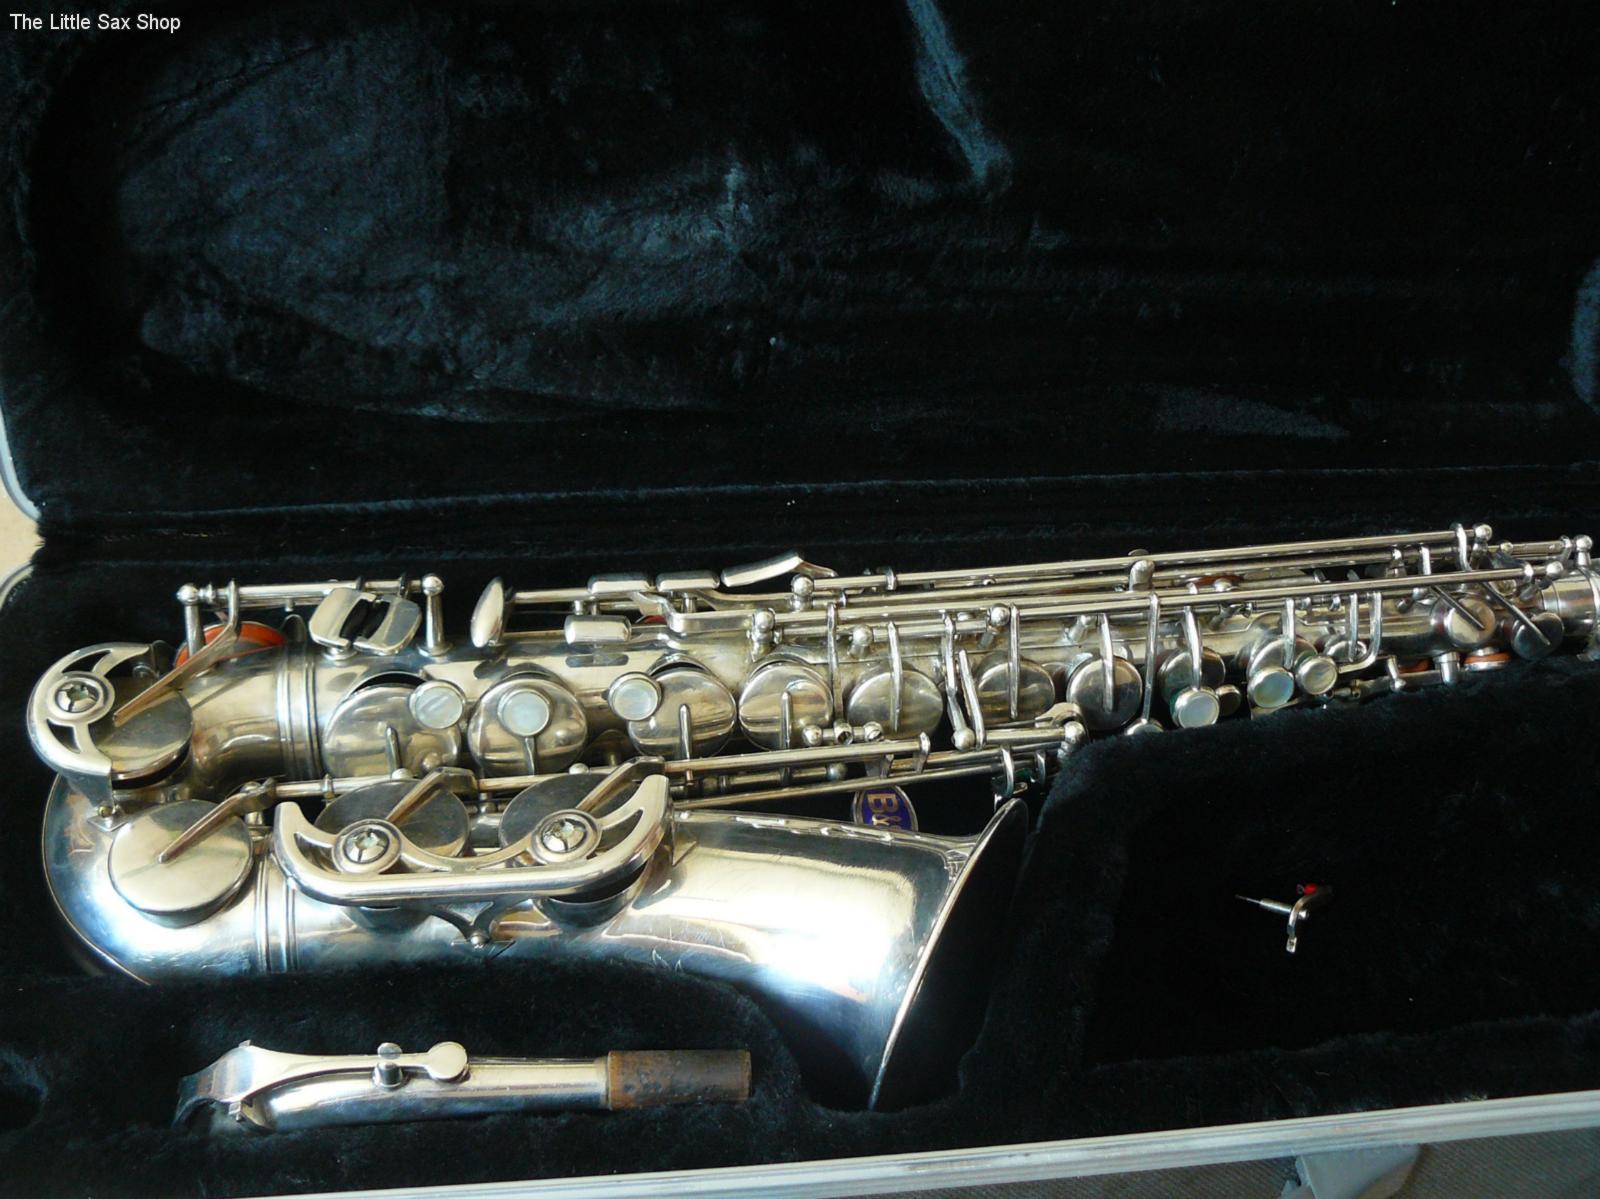 B&S blue label, alto sax, saxophone in case, vintage East German sax